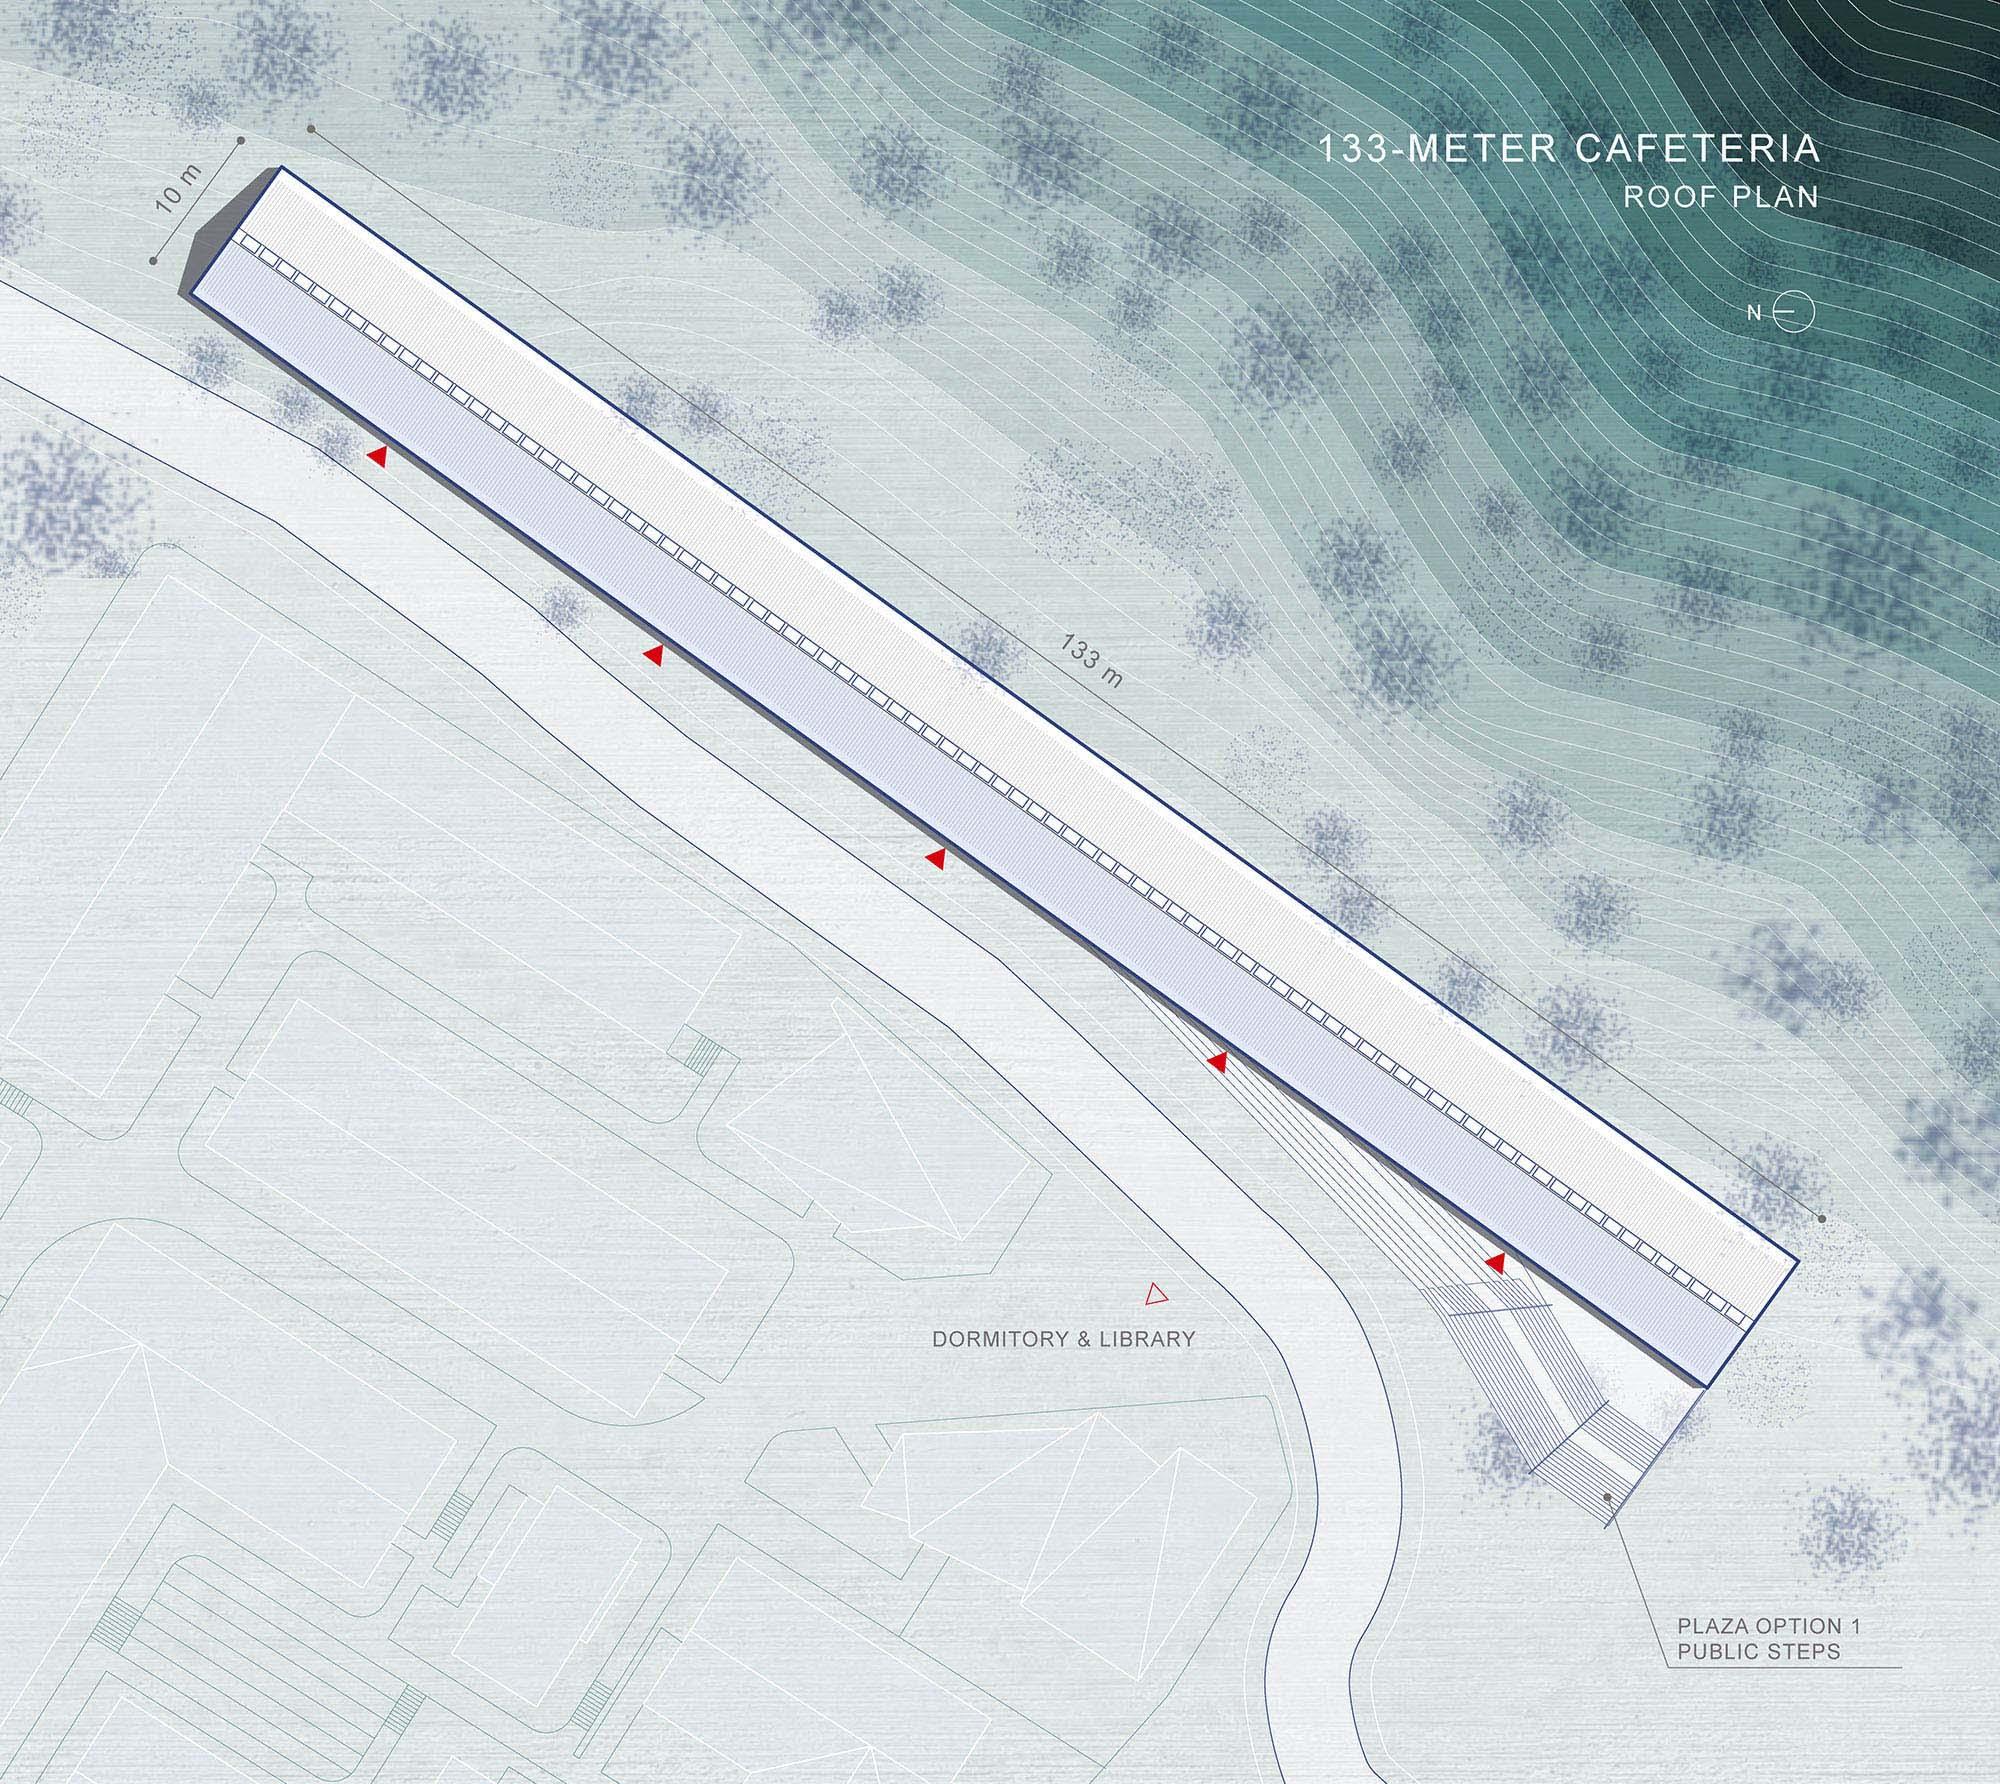 03_EKATO-METER CAFETERIA_Roof Plan STUDIO QI}